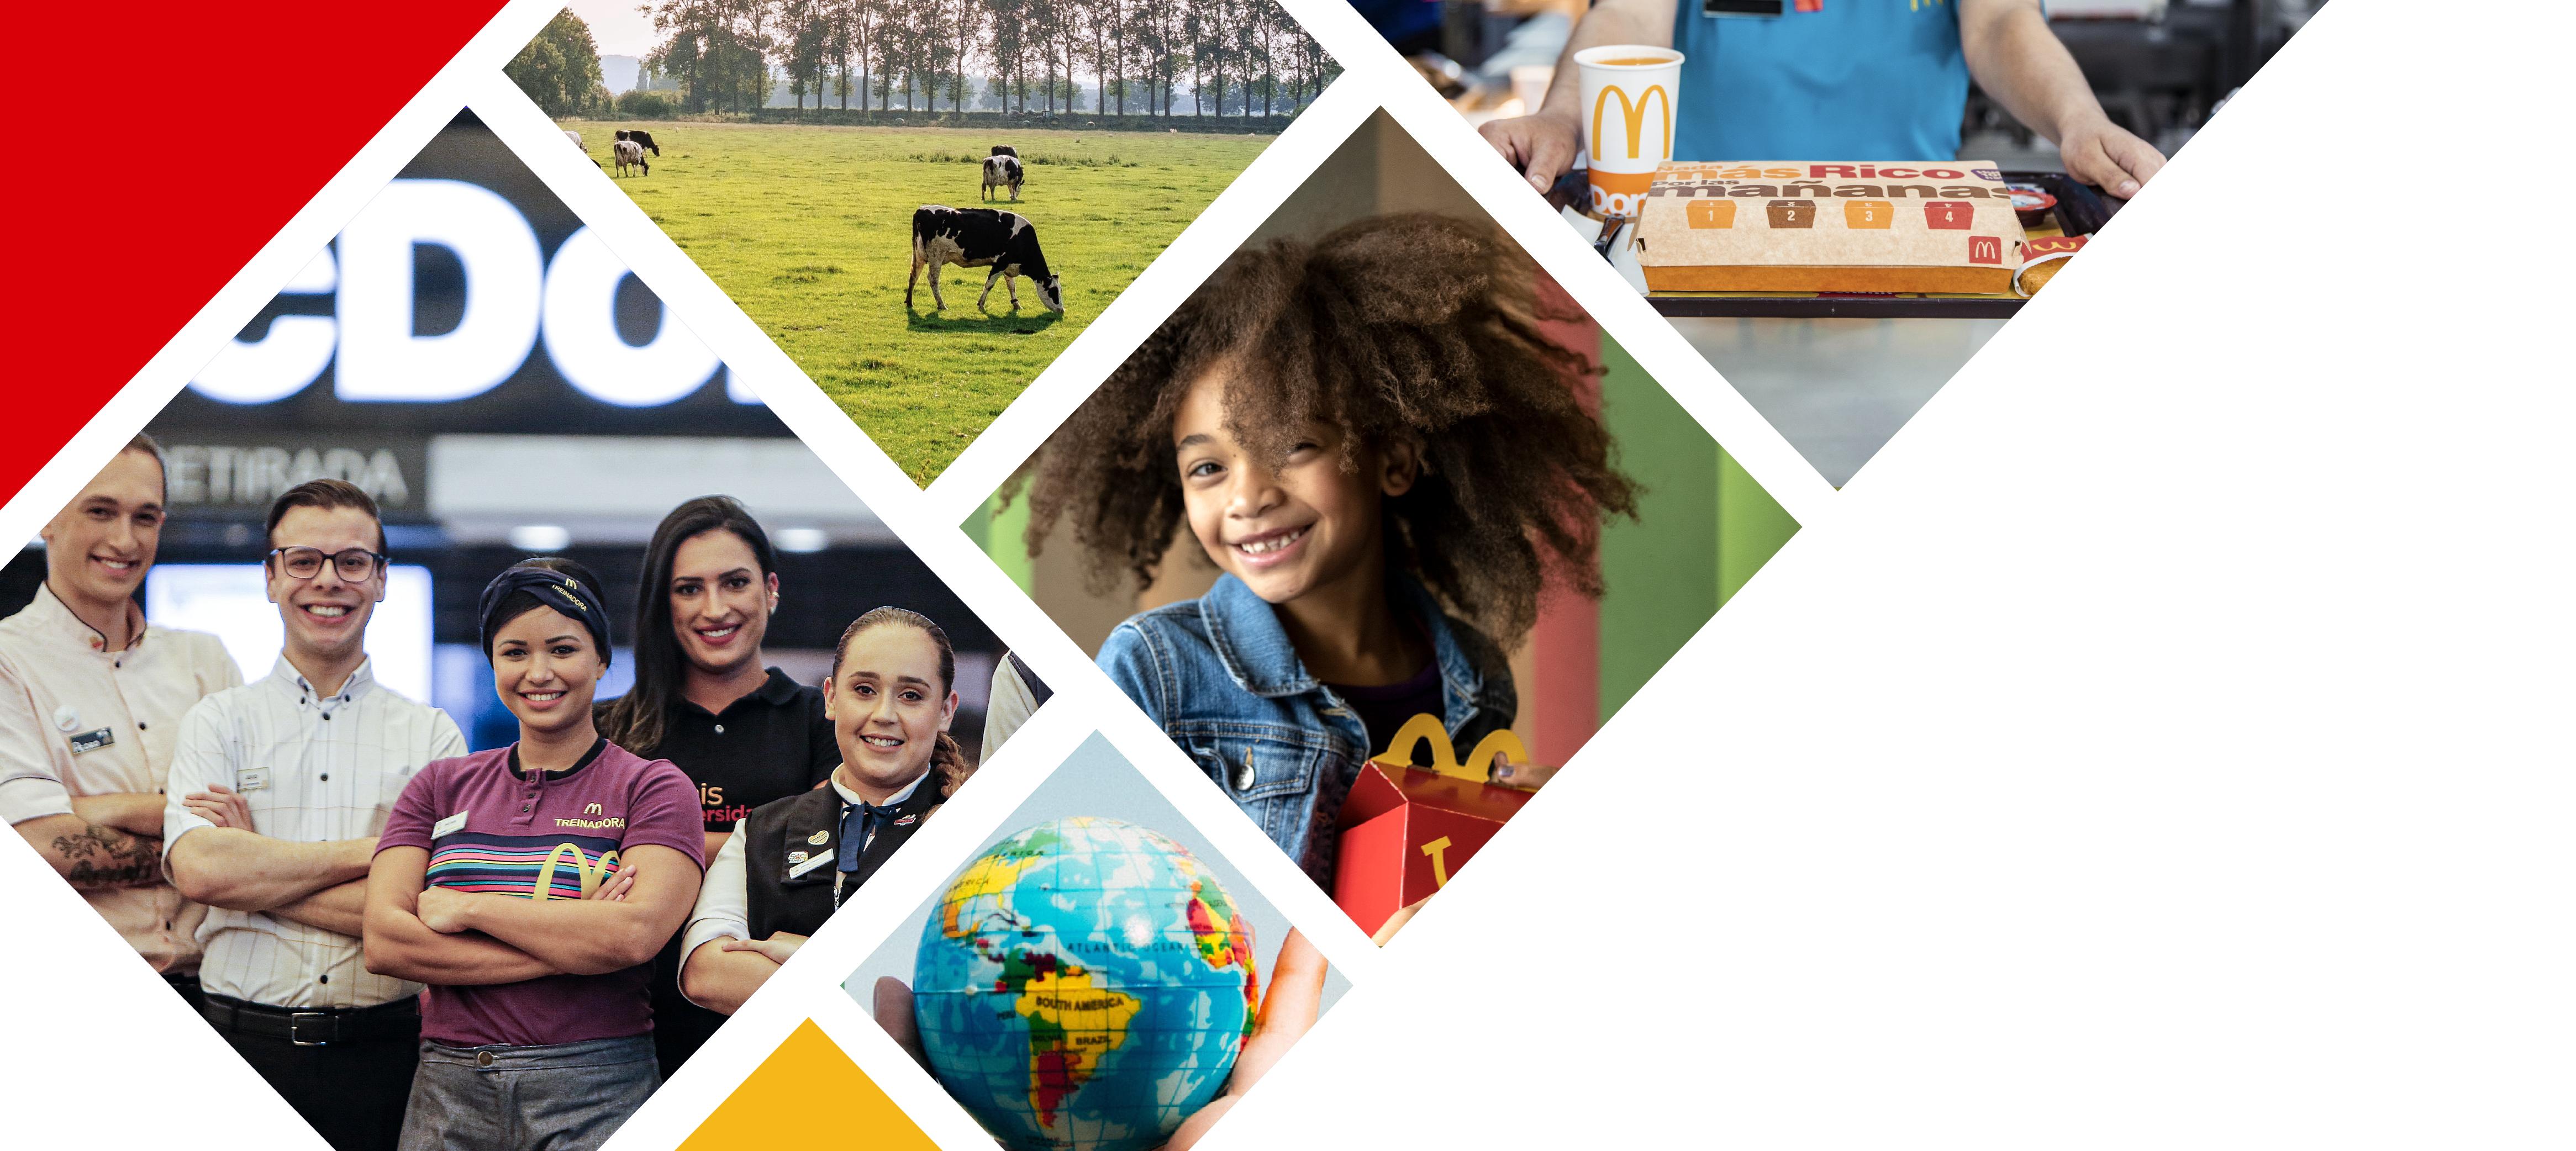 Estamos desarrollando nuestro Reporte de Impacto Social y Desarrollo 2020: ¡tu opinión nos importa!